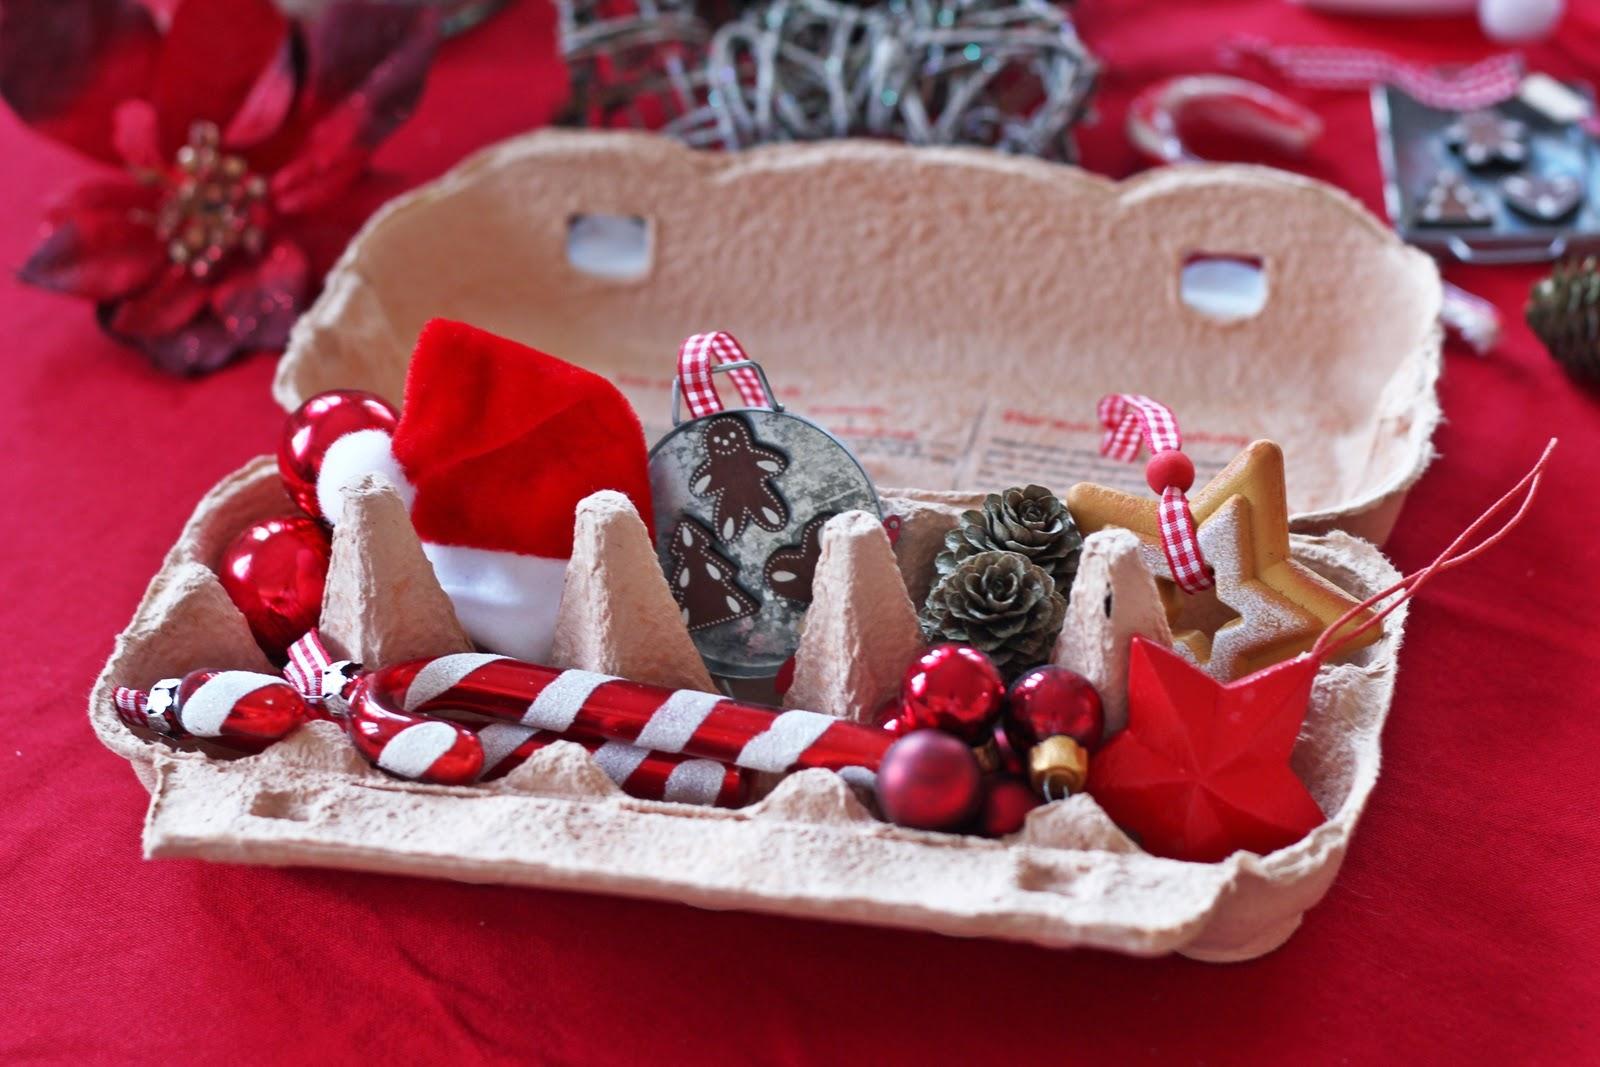 Ikea aufbewahrung weihnachtskugeln - Kodi weihnachtsdeko ...